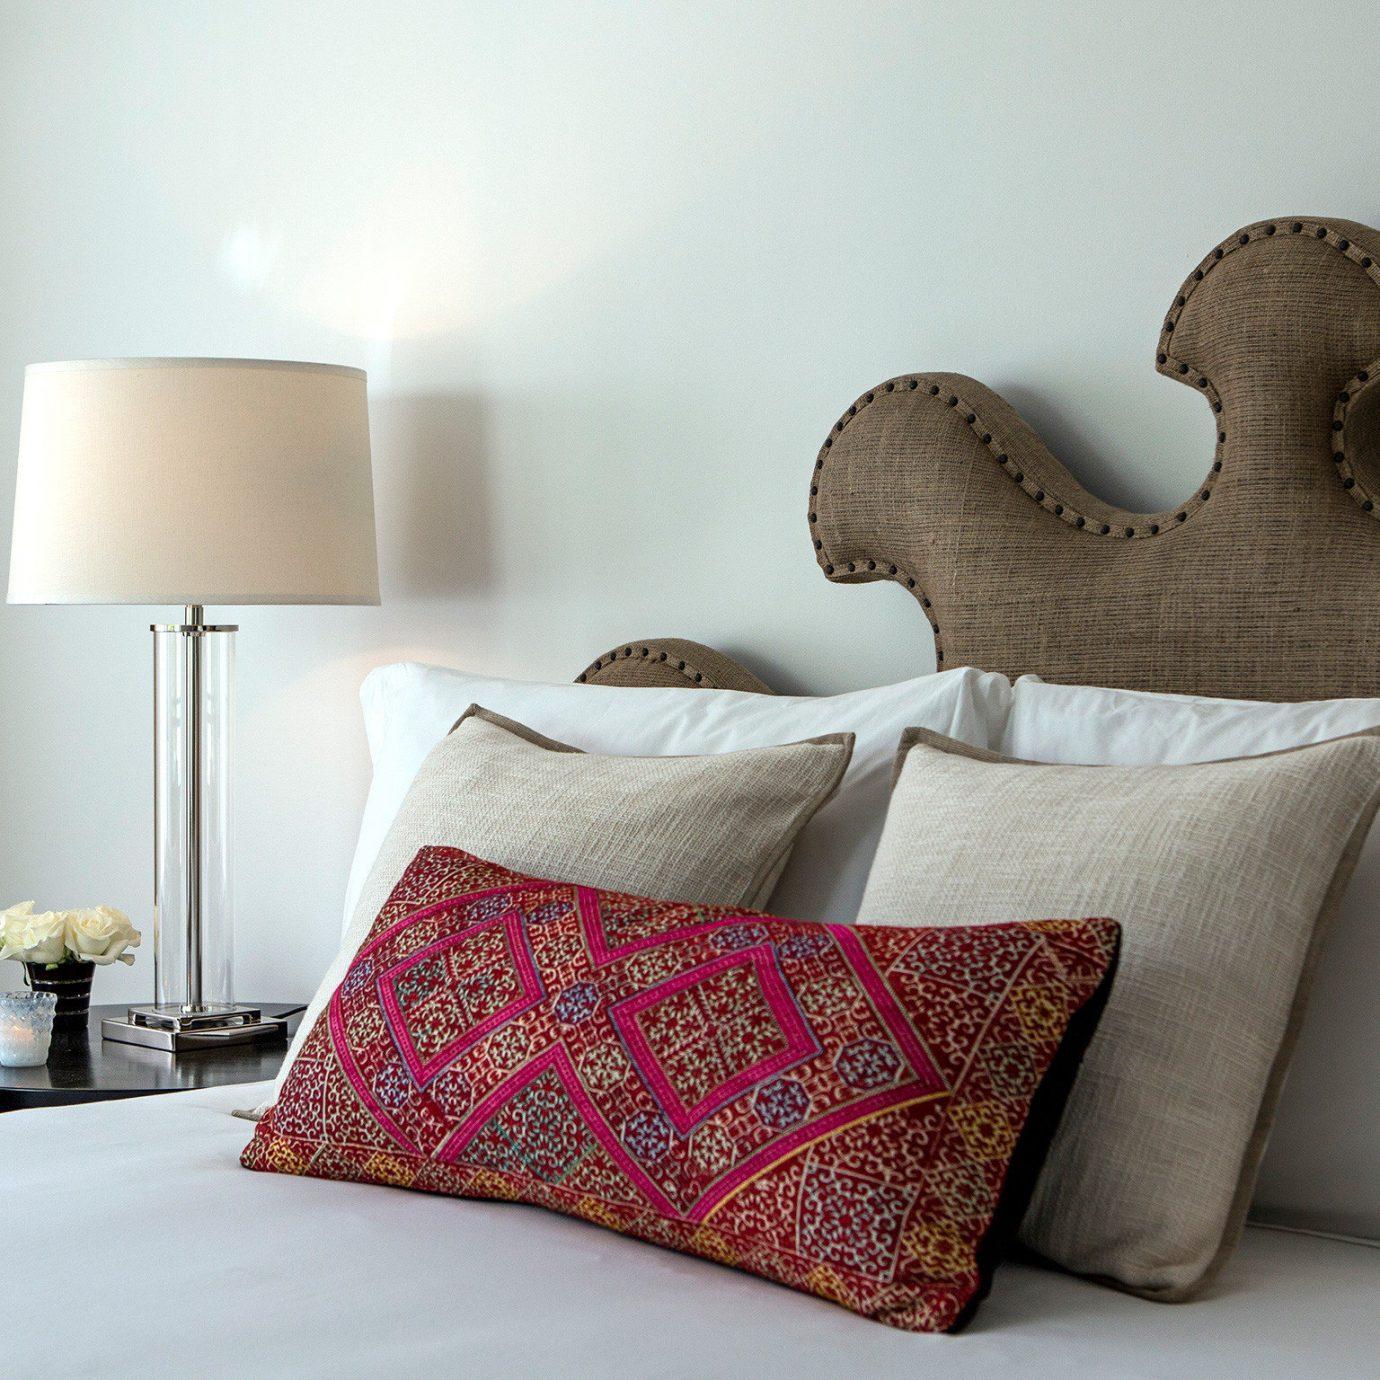 Bedroom Classic Resort sofa bed sheet textile duvet cover pillow material lamp